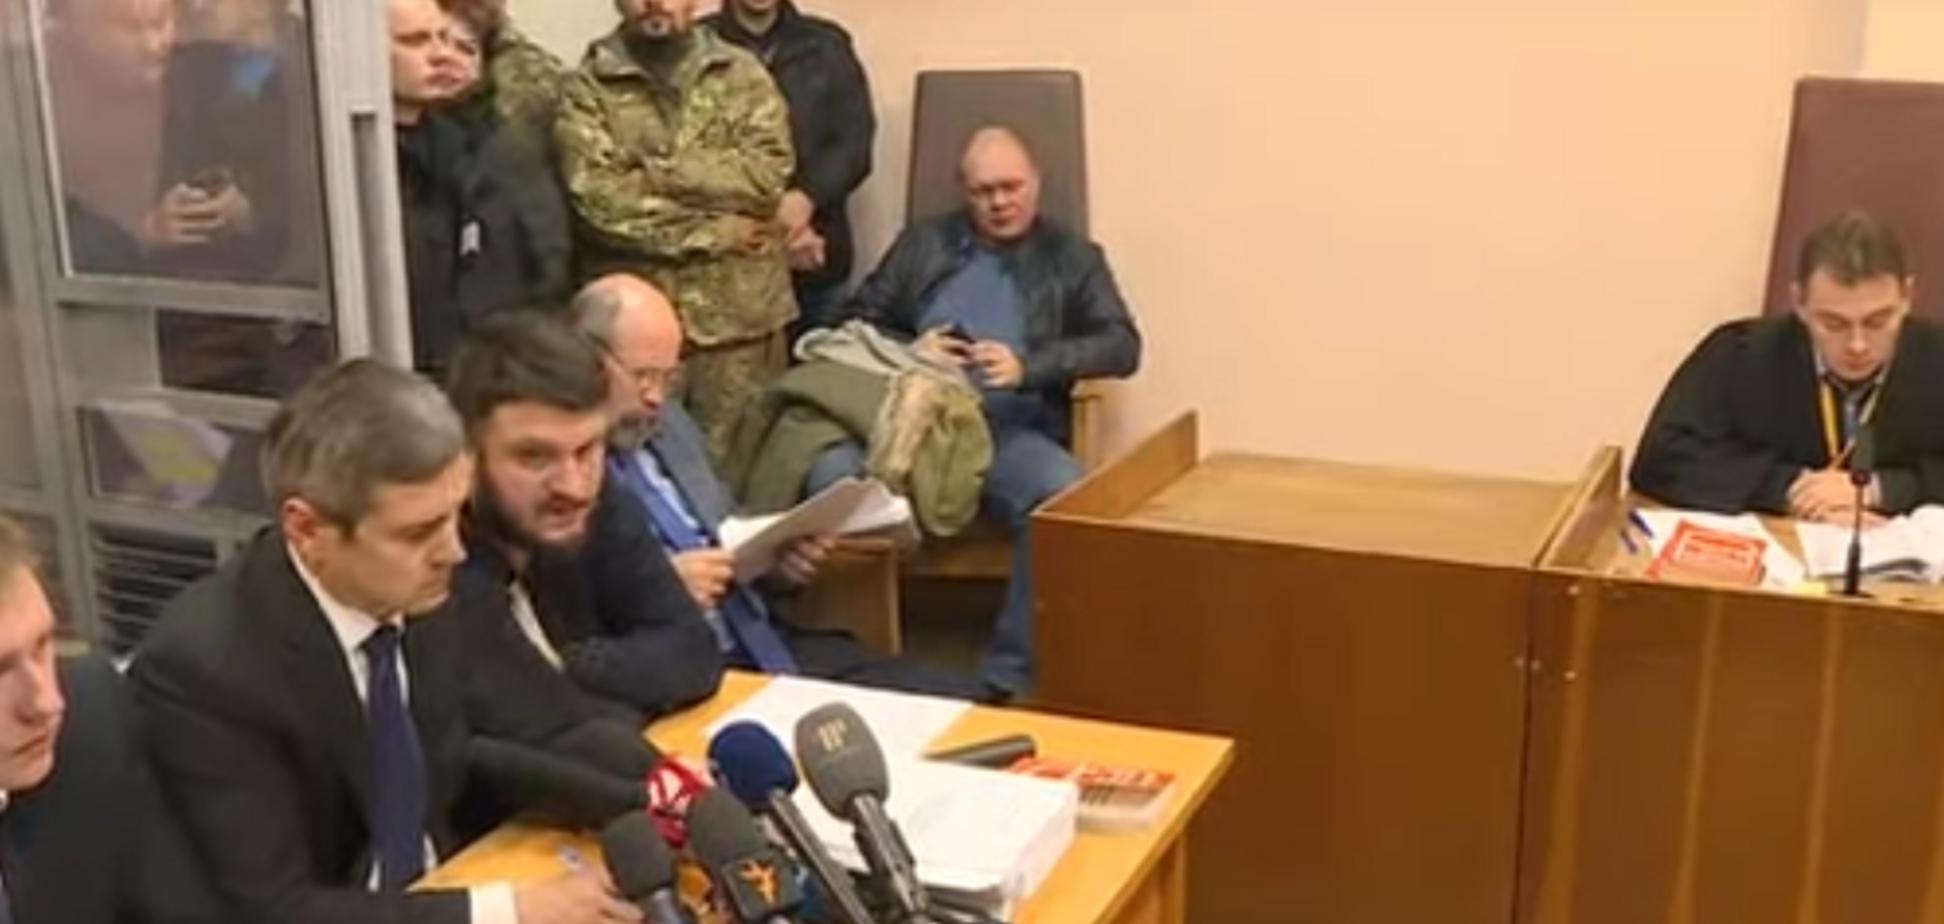 Суд по делу сына Авакова: появились скандальные подробности закупки 'золотых' рюкзаков